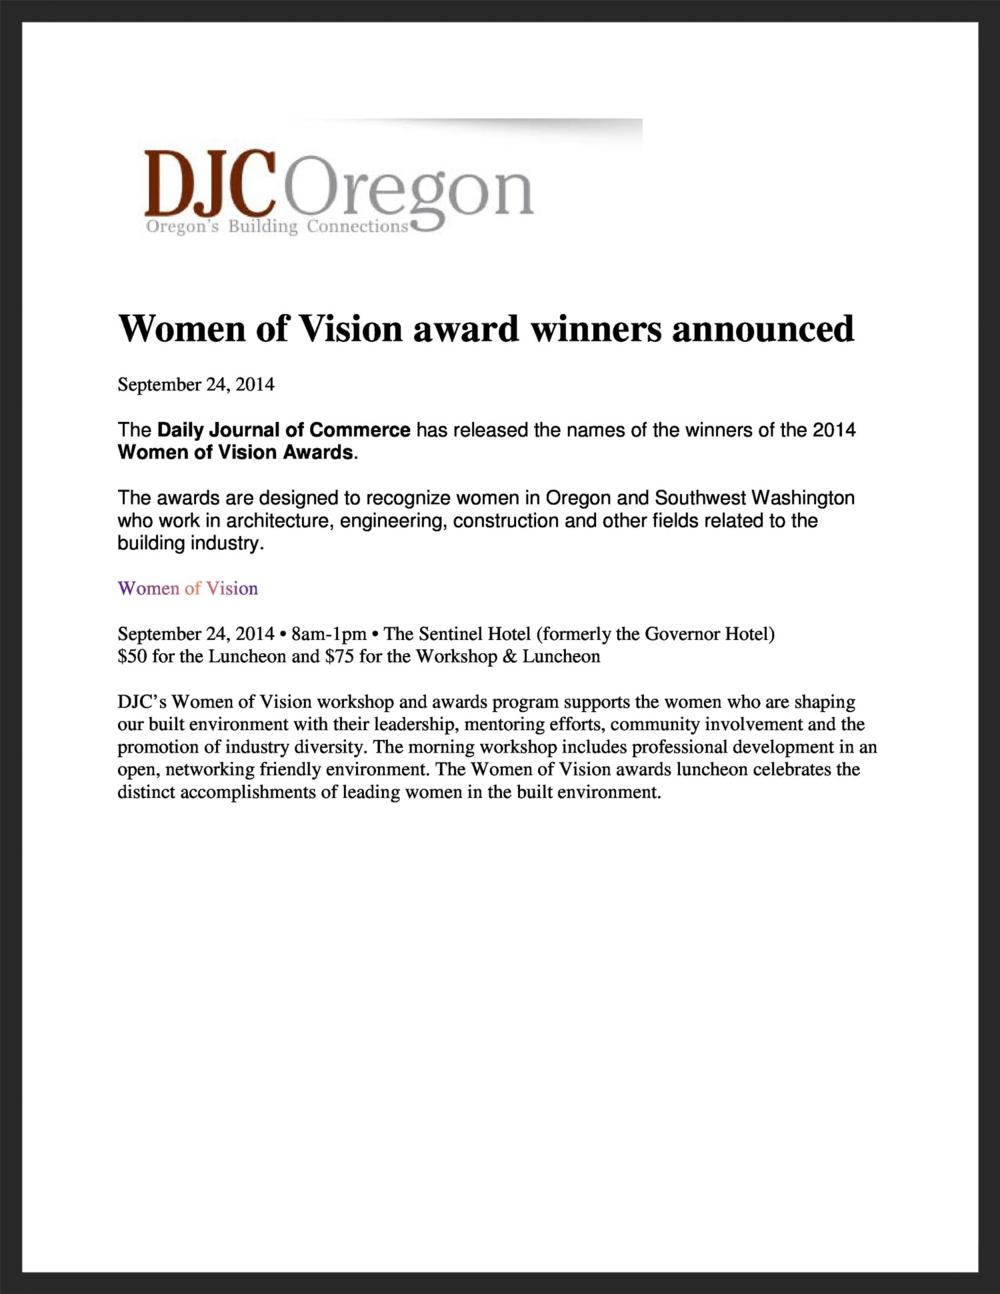 BOMA OREGON  DJC Oregon  09.24.2014